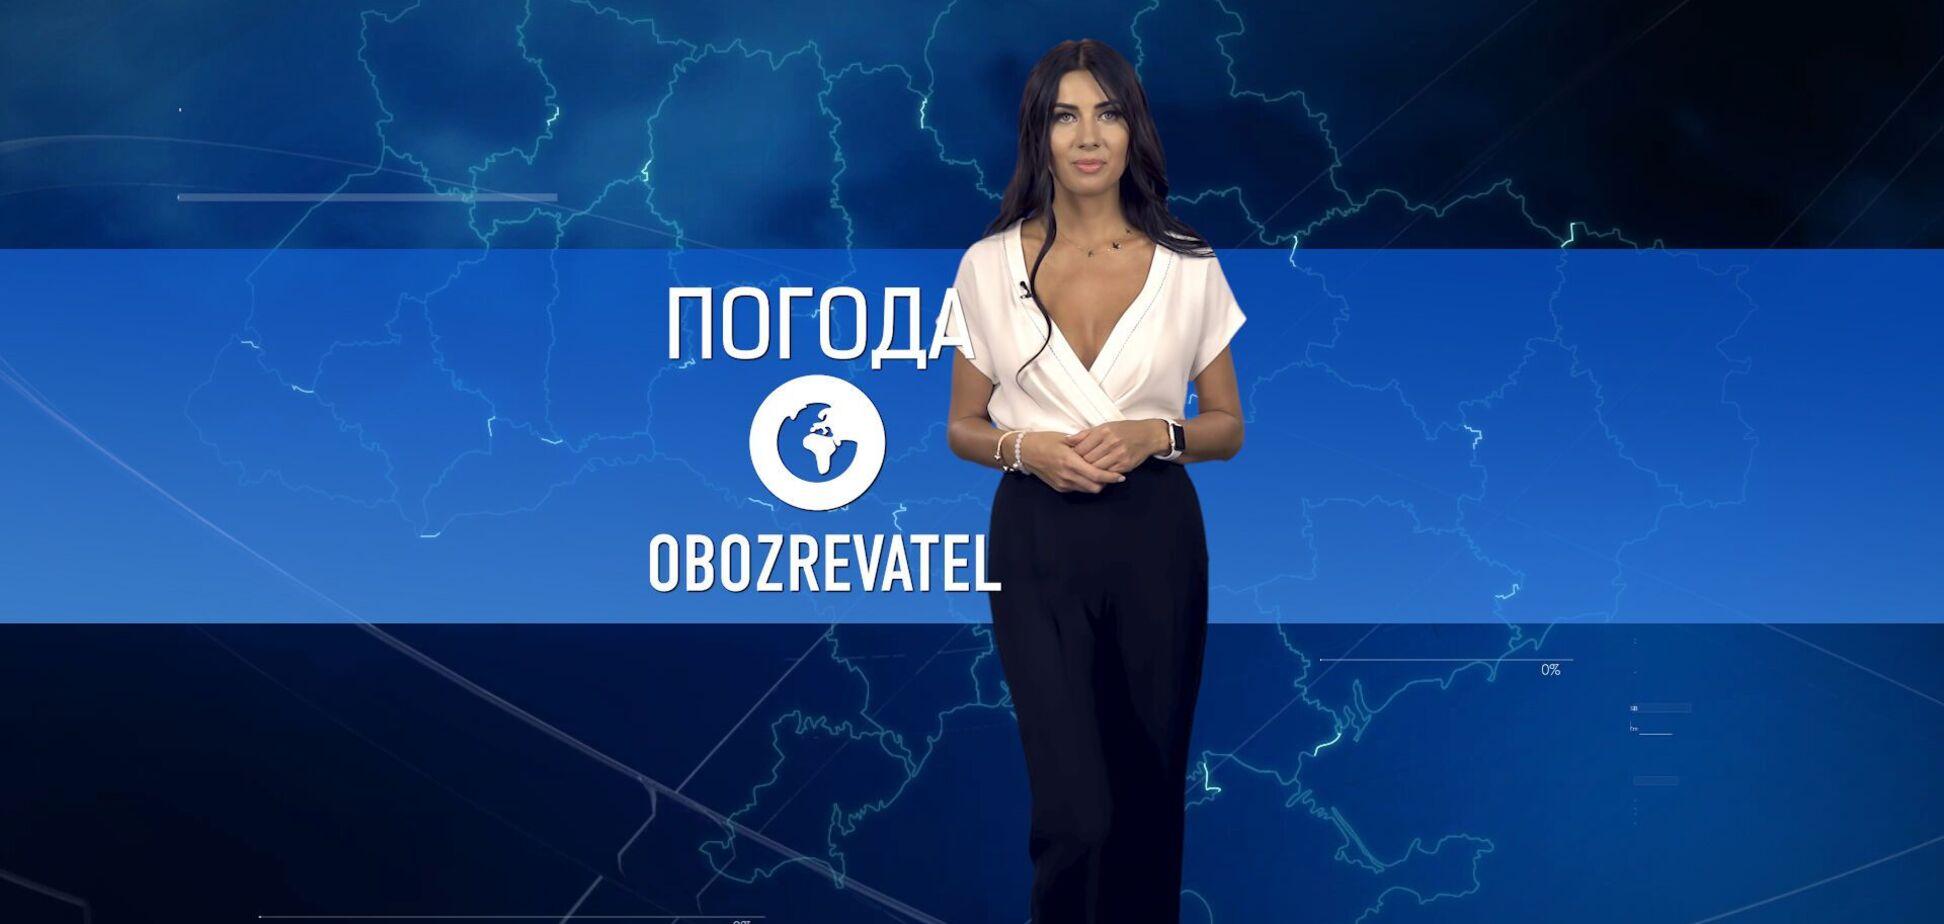 Прогноз погоди в Україні на вівторок 5 січня, з Алісою Мярковською